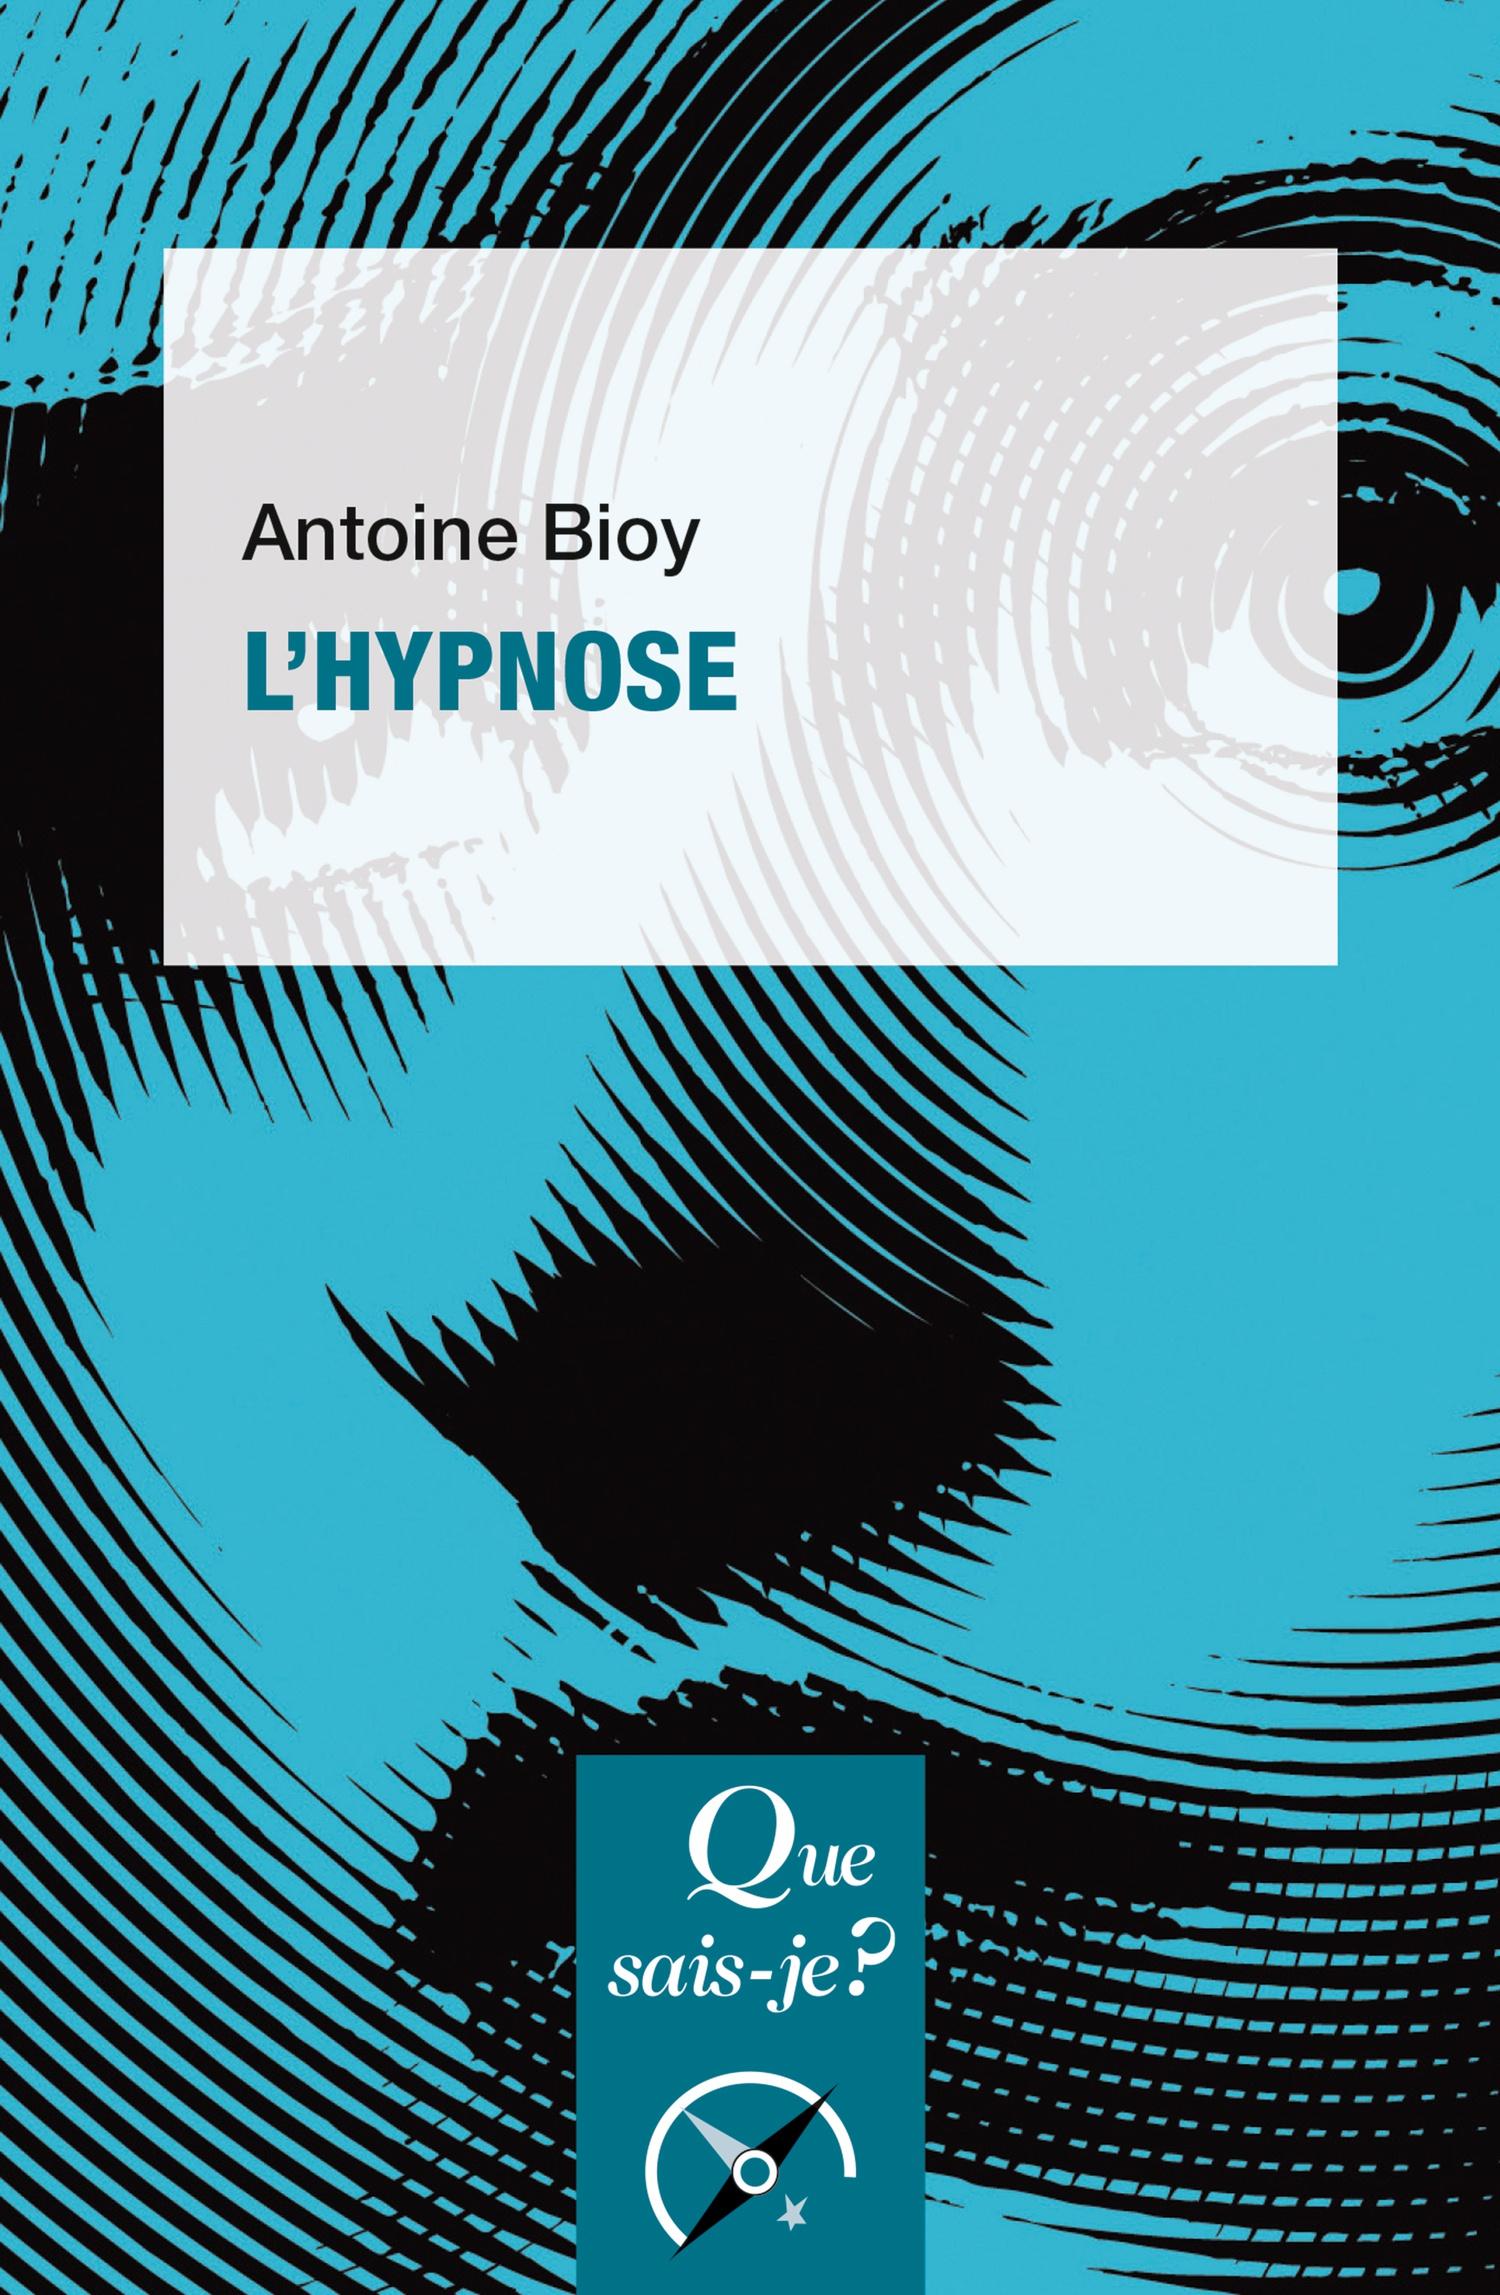 Chapitre III. Comprendre comment fonctionne l hypnose   Cairn.info 4d2c631ee51b